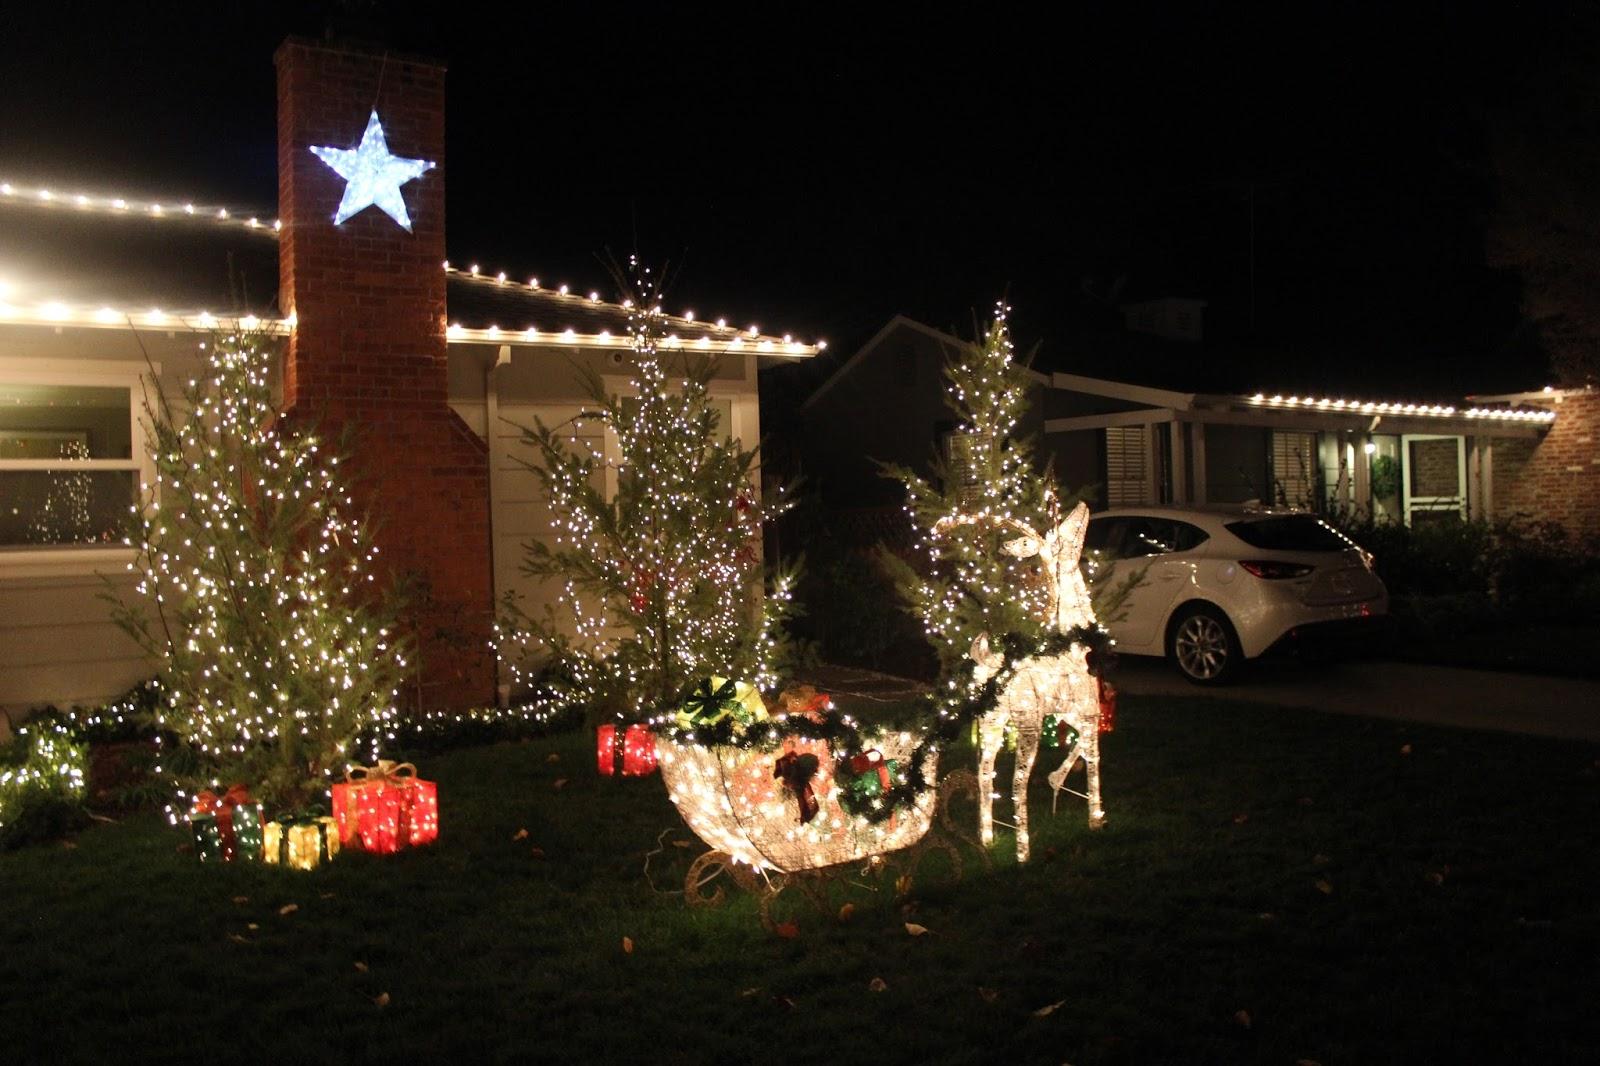 #B1271A Les Tribulations D'une Famille Française En Californie  5329 décorations de noel aux etats unis 1600x1066 px @ aertt.com